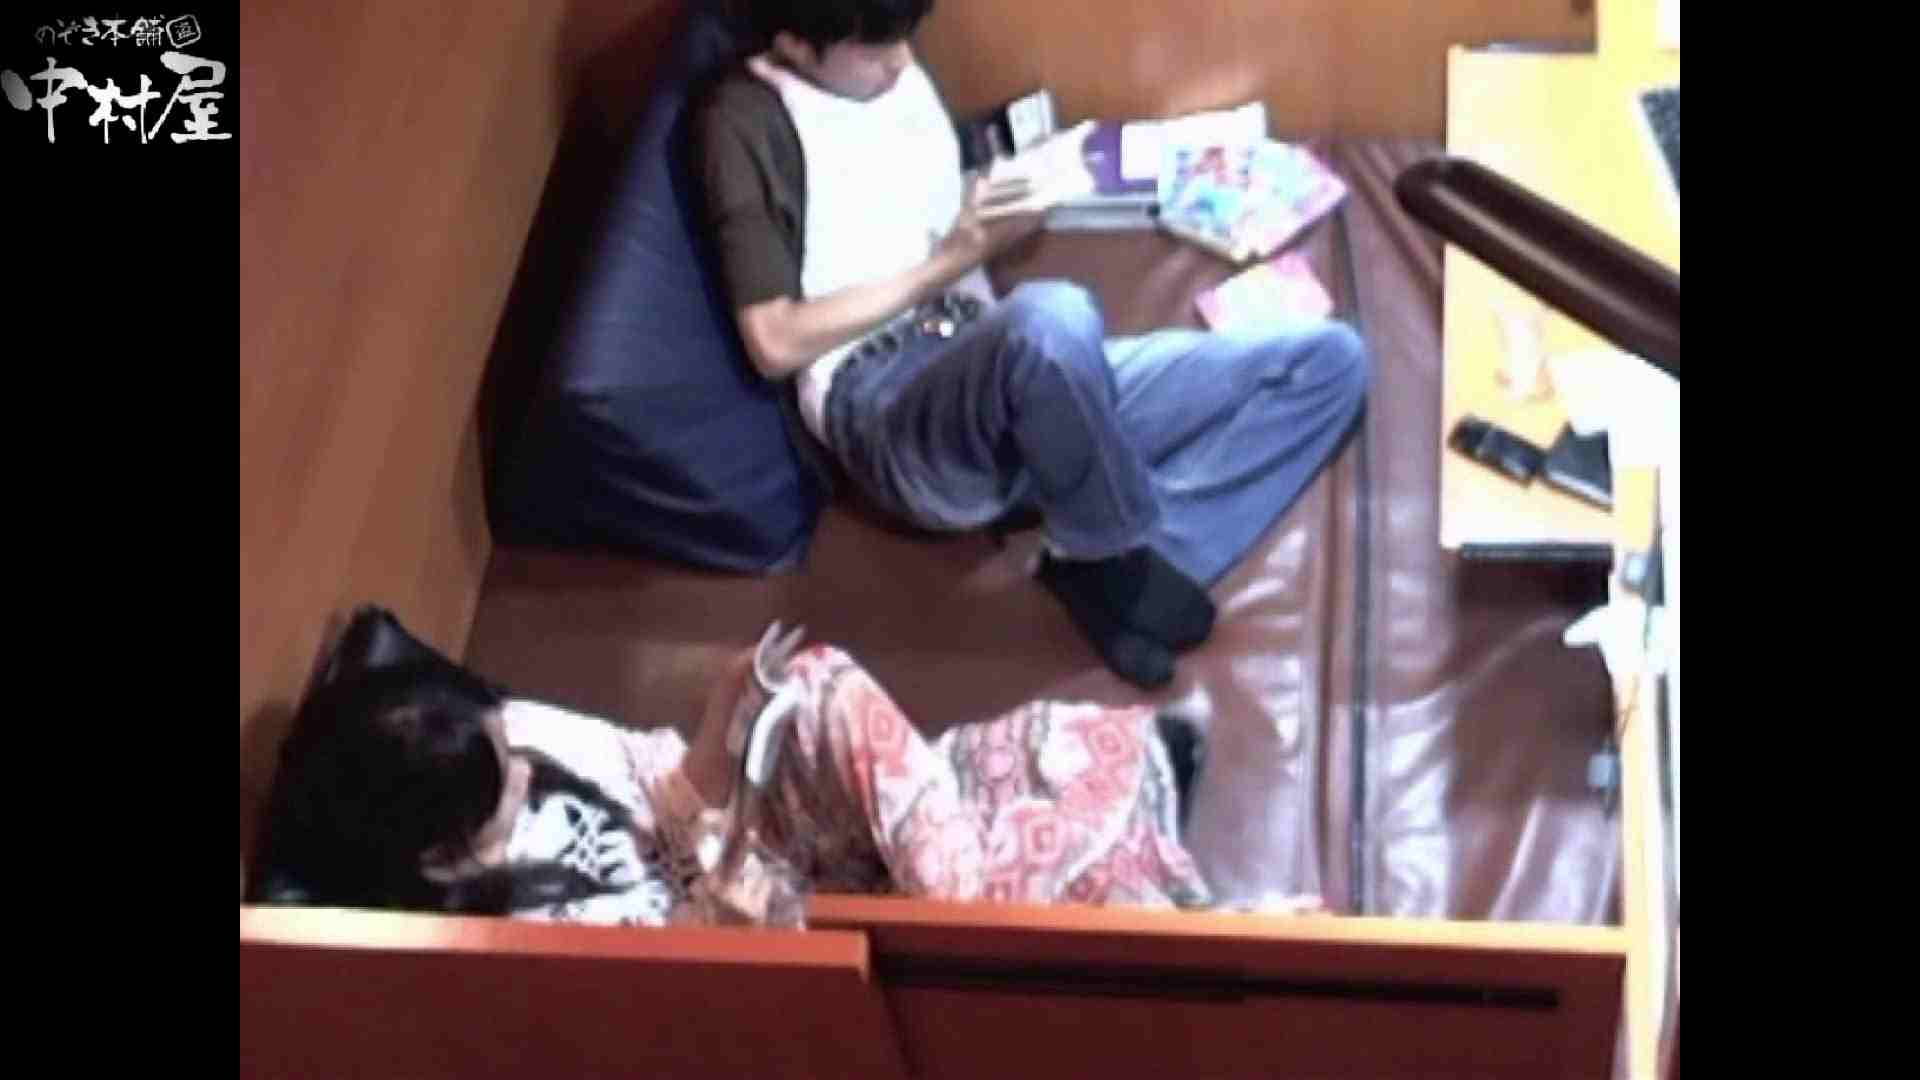 ネットカフェ盗撮師トロントさんの 素人カップル盗撮記vol.1 盗撮 | ギャルのおっぱい  87連発 1